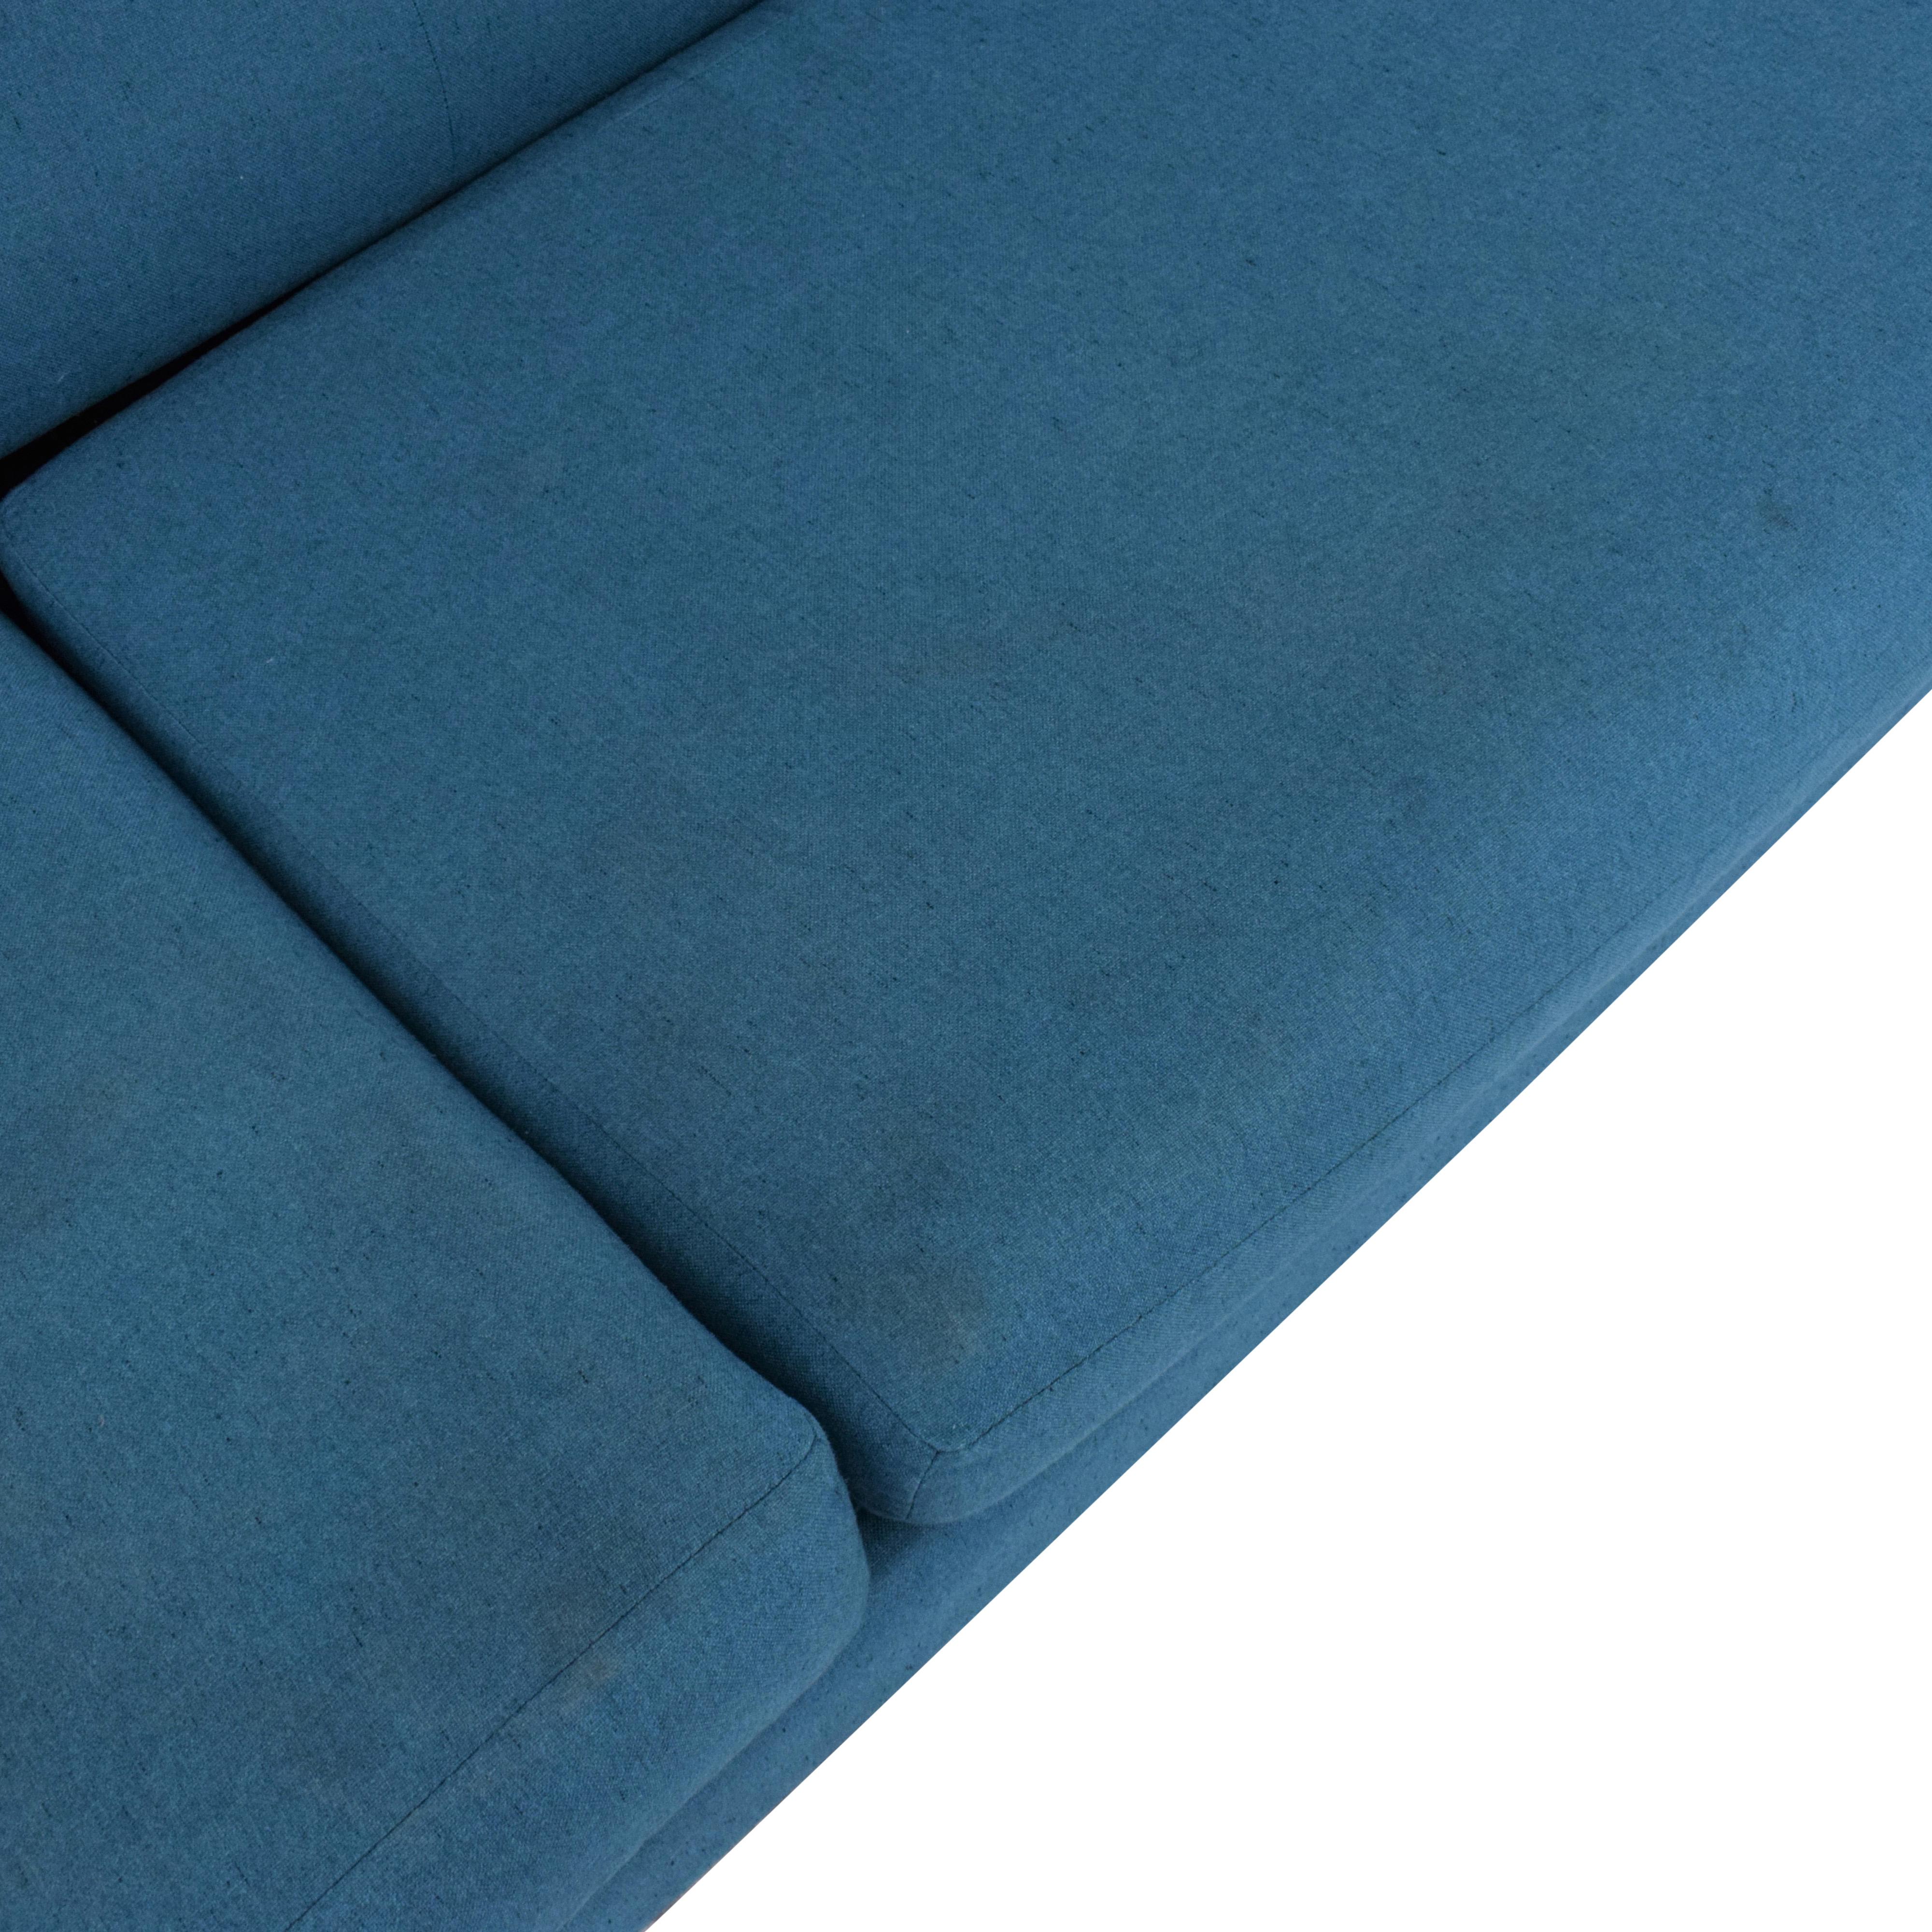 Joybird Joybird Hughes Sleeper Sofa